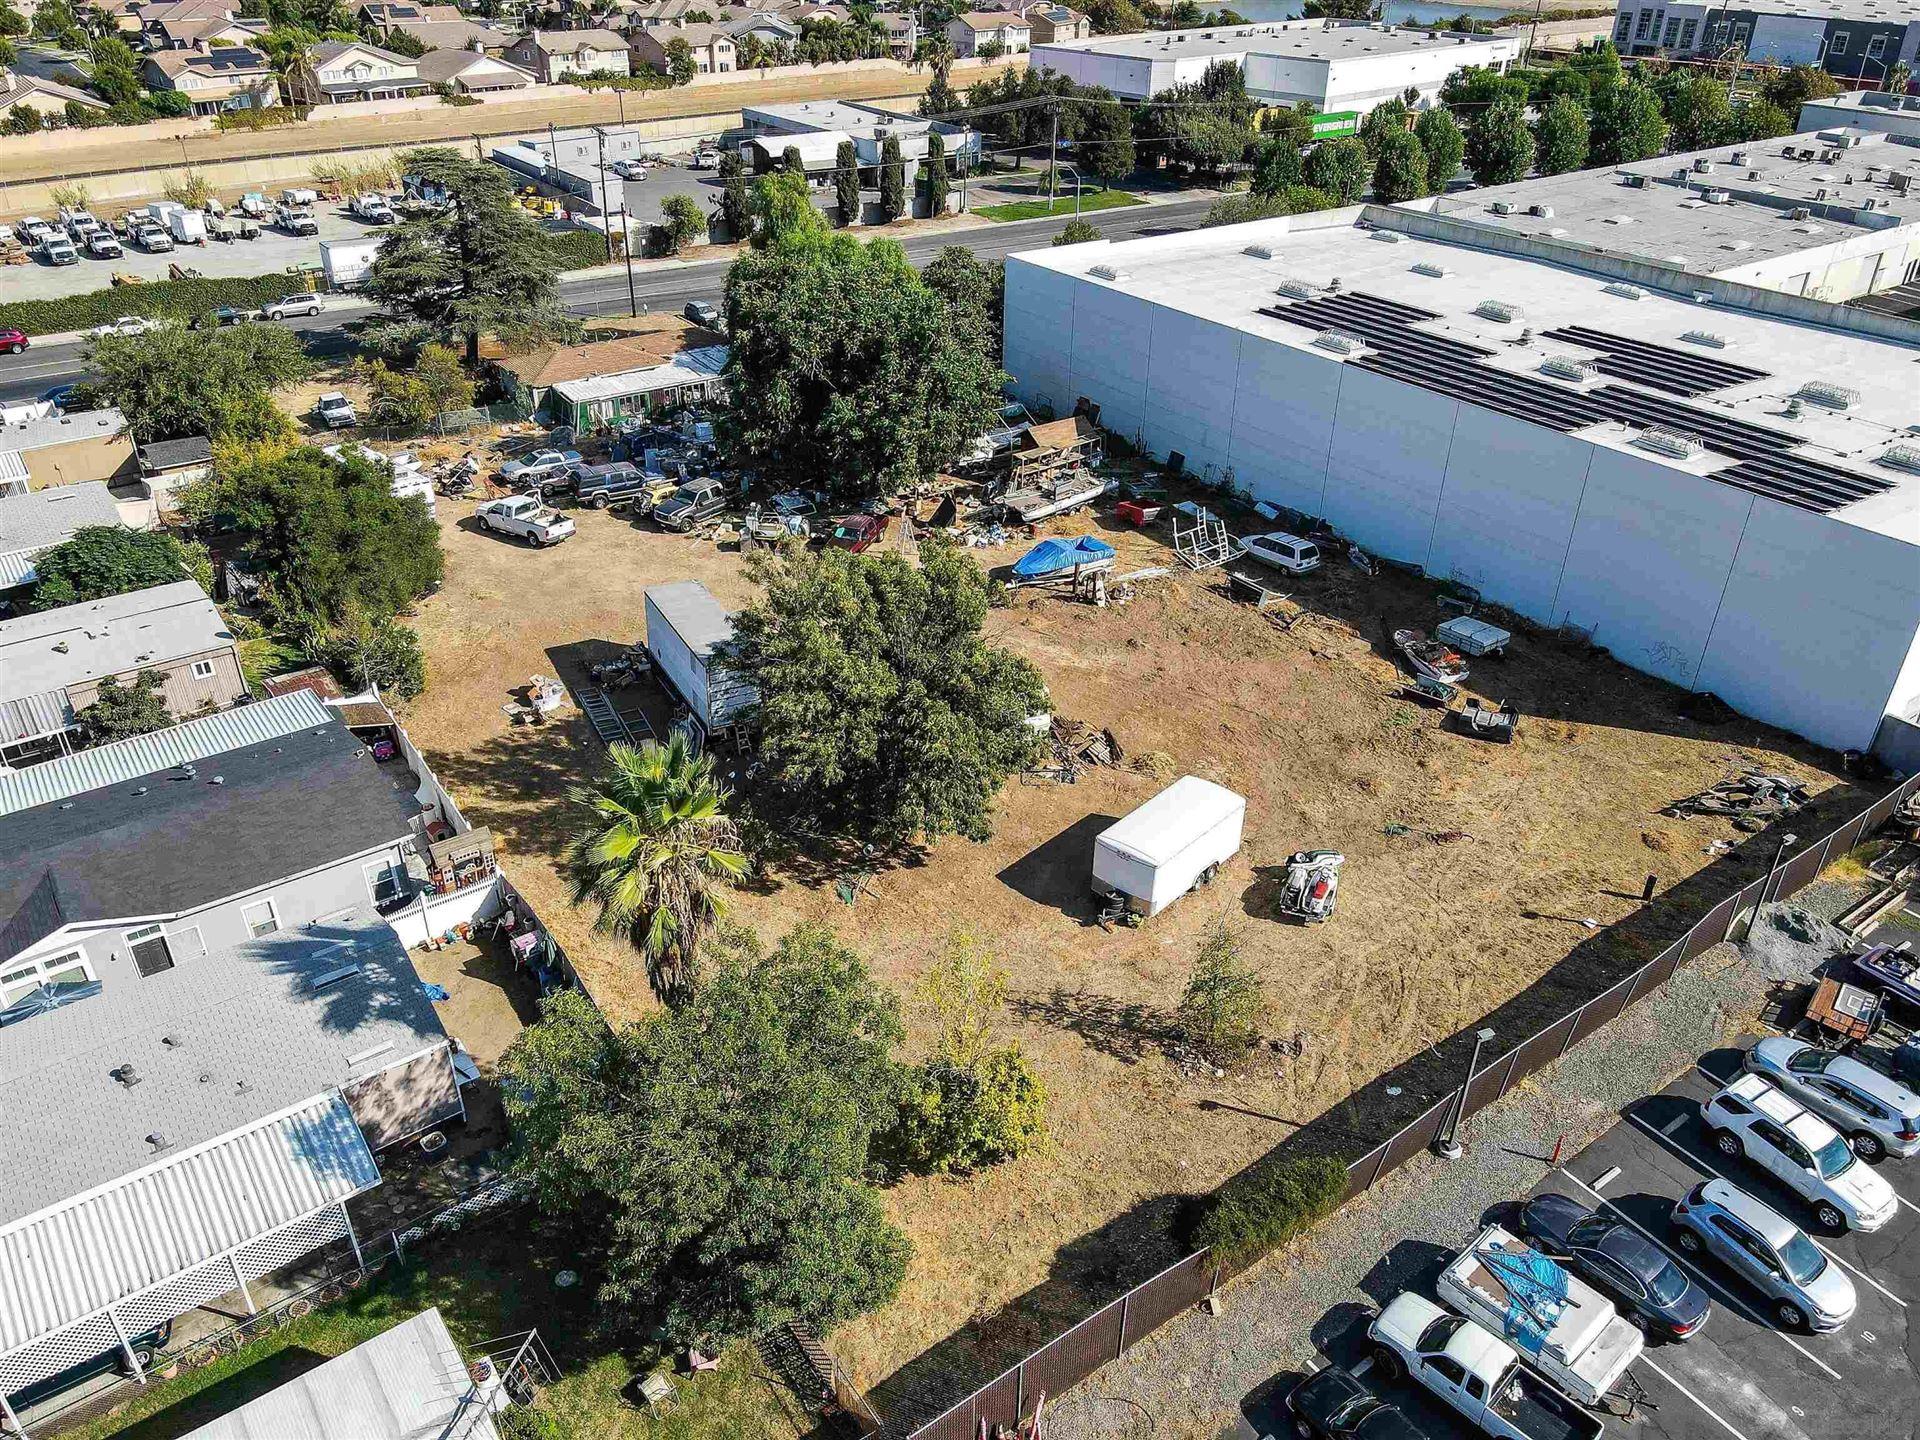 Photo of 1205 N Hellman Ave, Ontario, CA 91764 (MLS # 210026088)